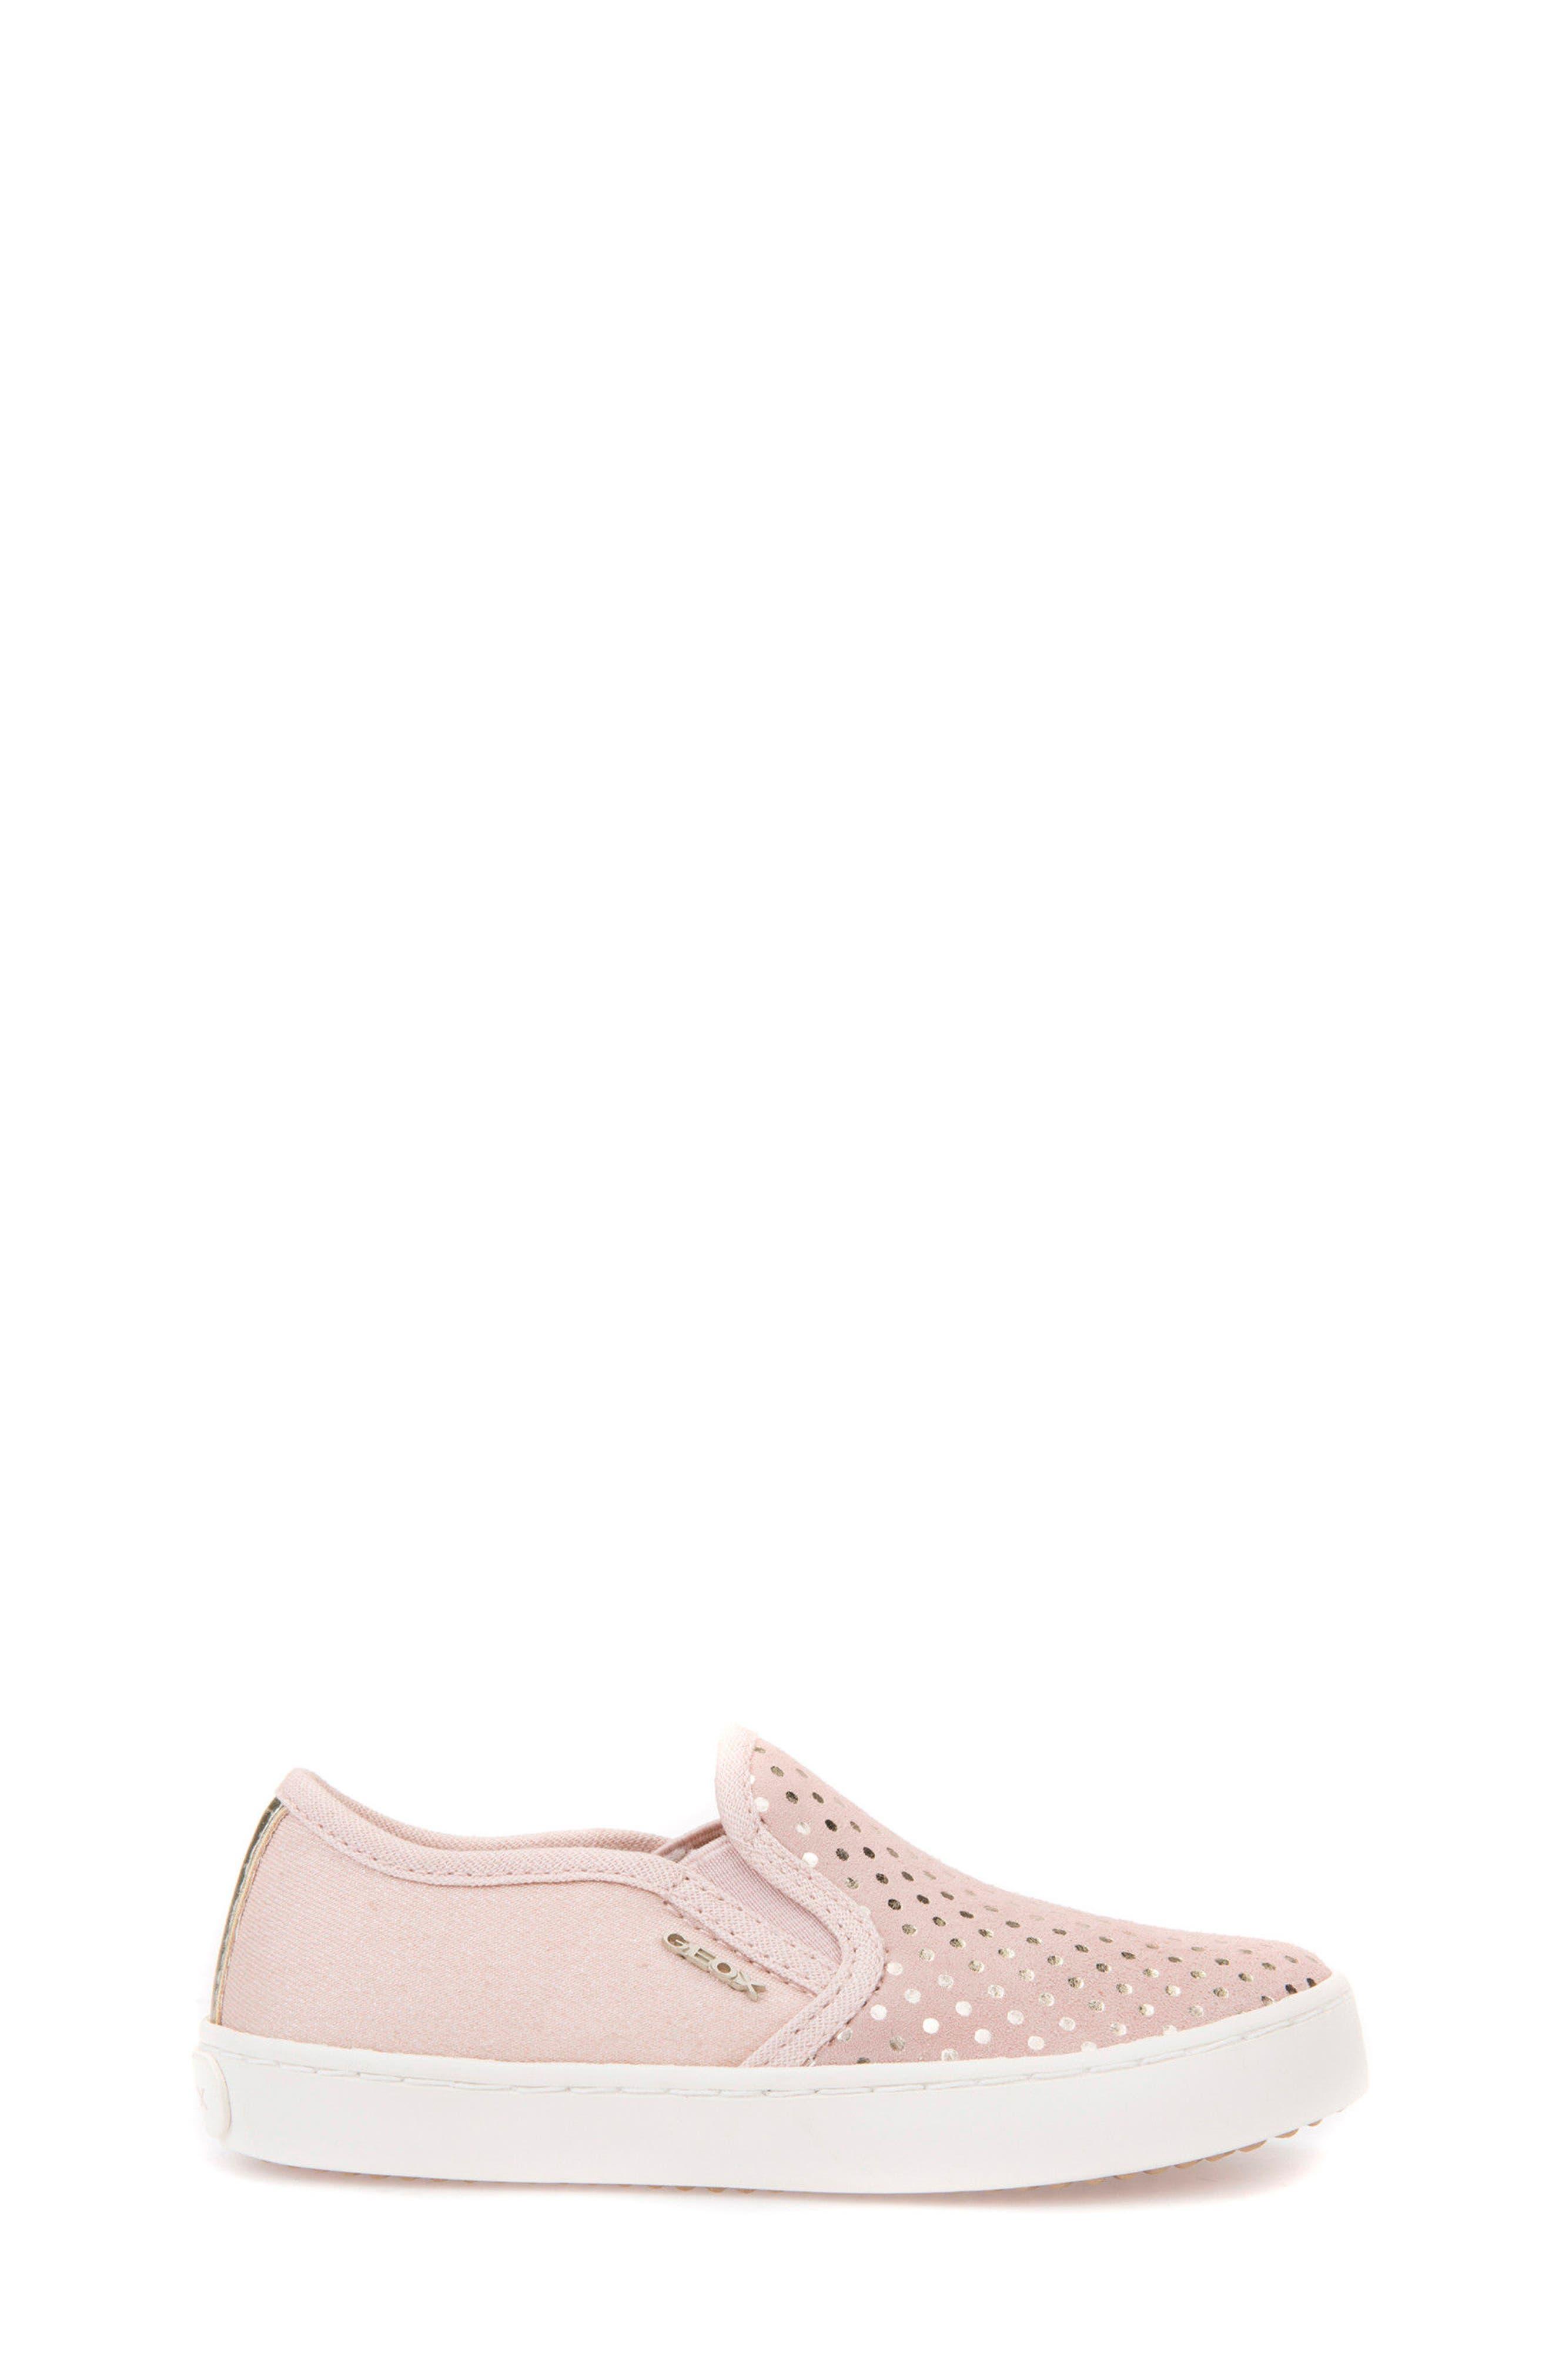 Kilwi Slip-On Sneaker,                             Alternate thumbnail 3, color,                             Skin